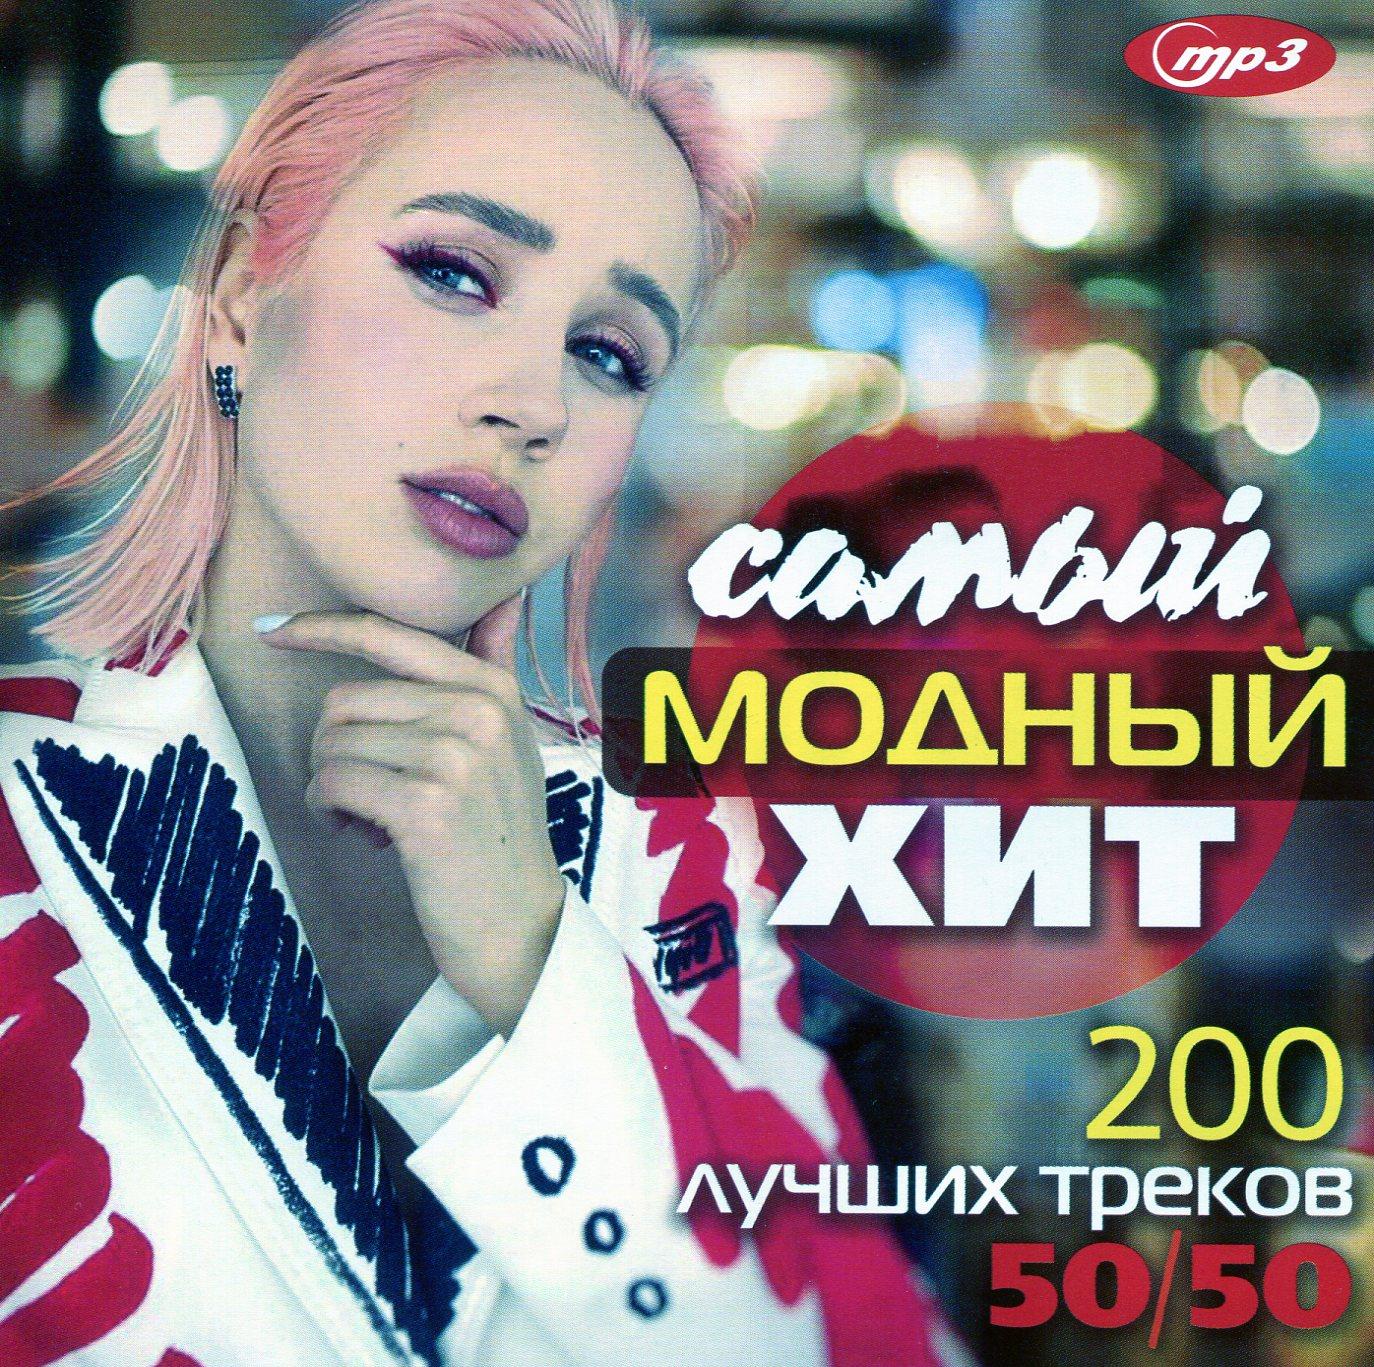 САМЫЙ МОДНЫЙ ХИТ - 200 лучших треков 50x50 [mp3]